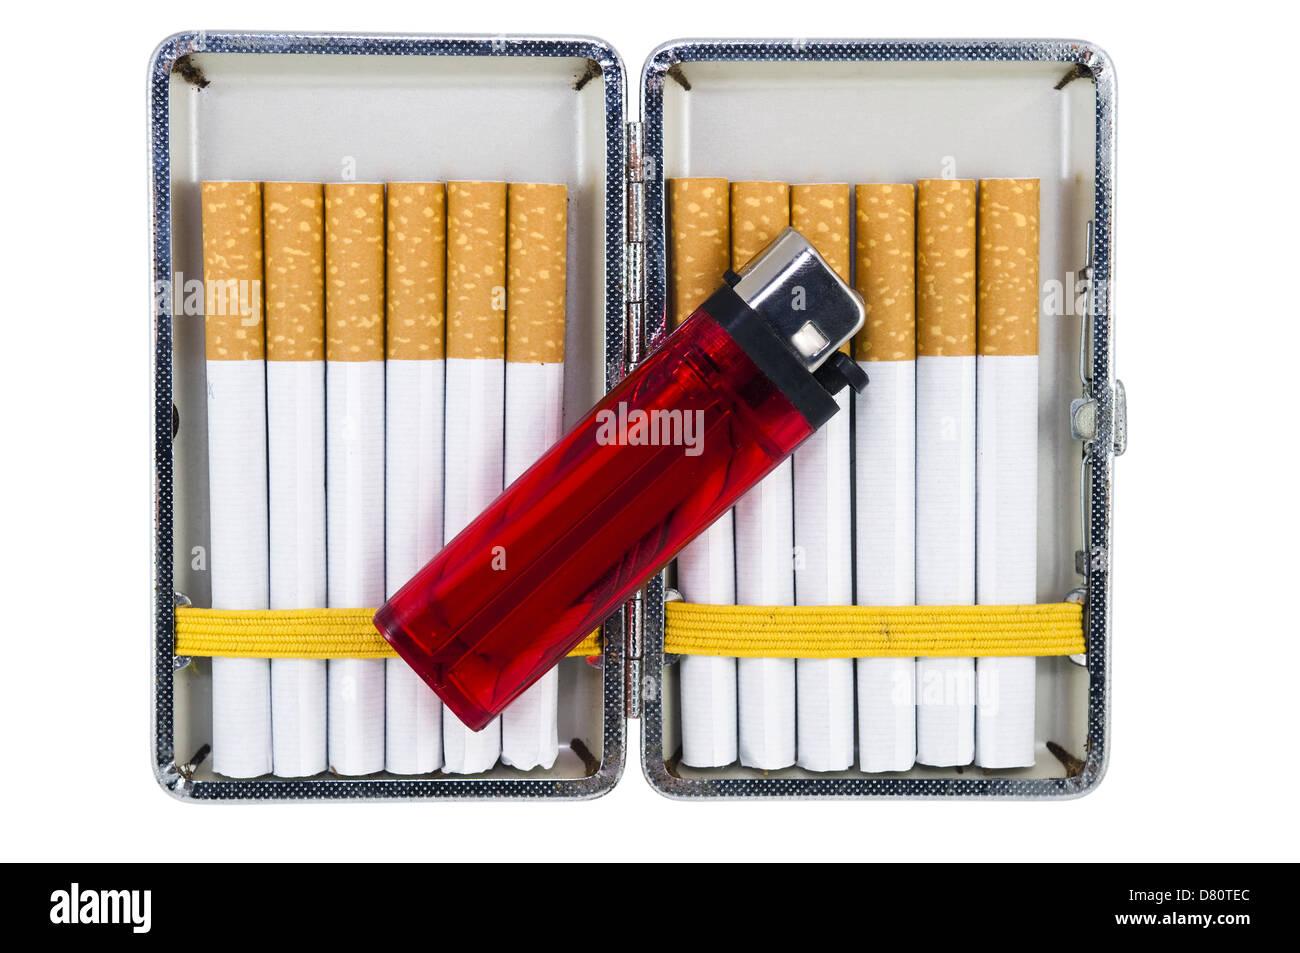 zigaretten etui mit zigaretten und feuerzeug isoliert auf wei em hintergrund stockfoto bild. Black Bedroom Furniture Sets. Home Design Ideas